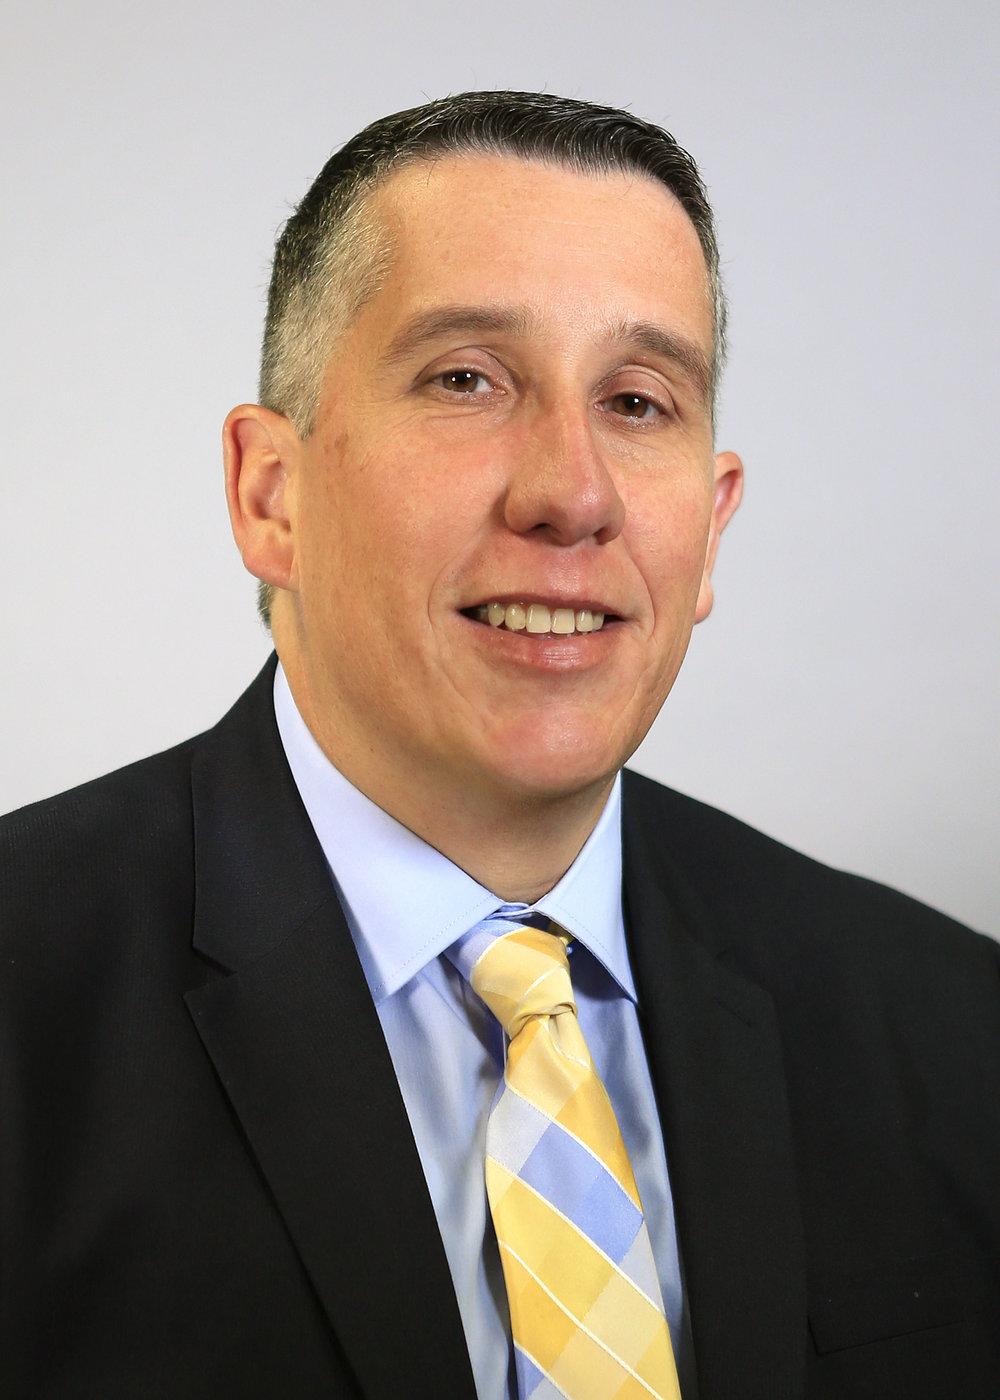 Dr. Raul Escarpio